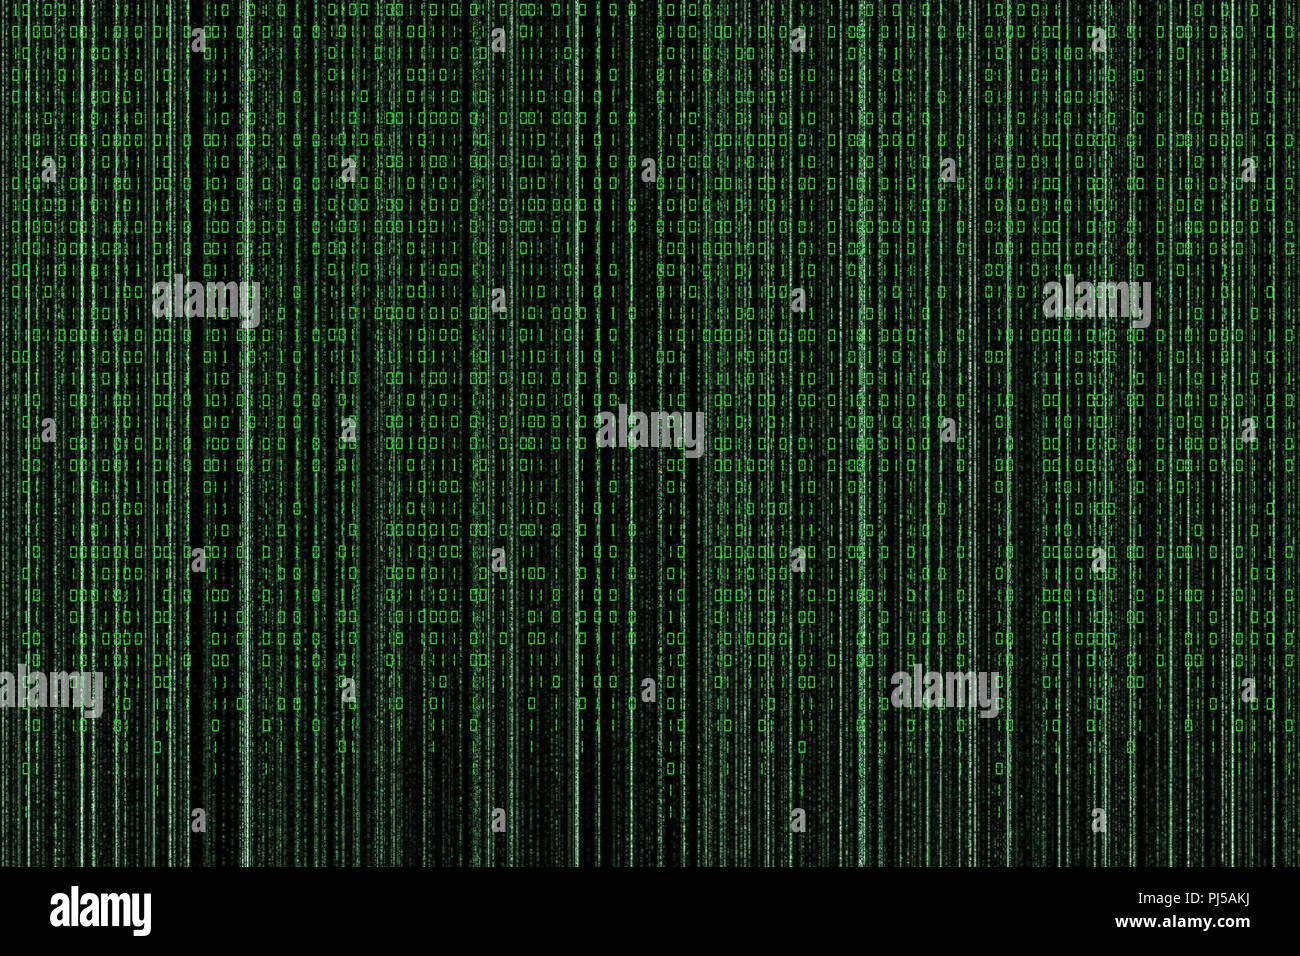 Numeri In Calo Immagini Numeri In Calo Fotos Stock Alamy